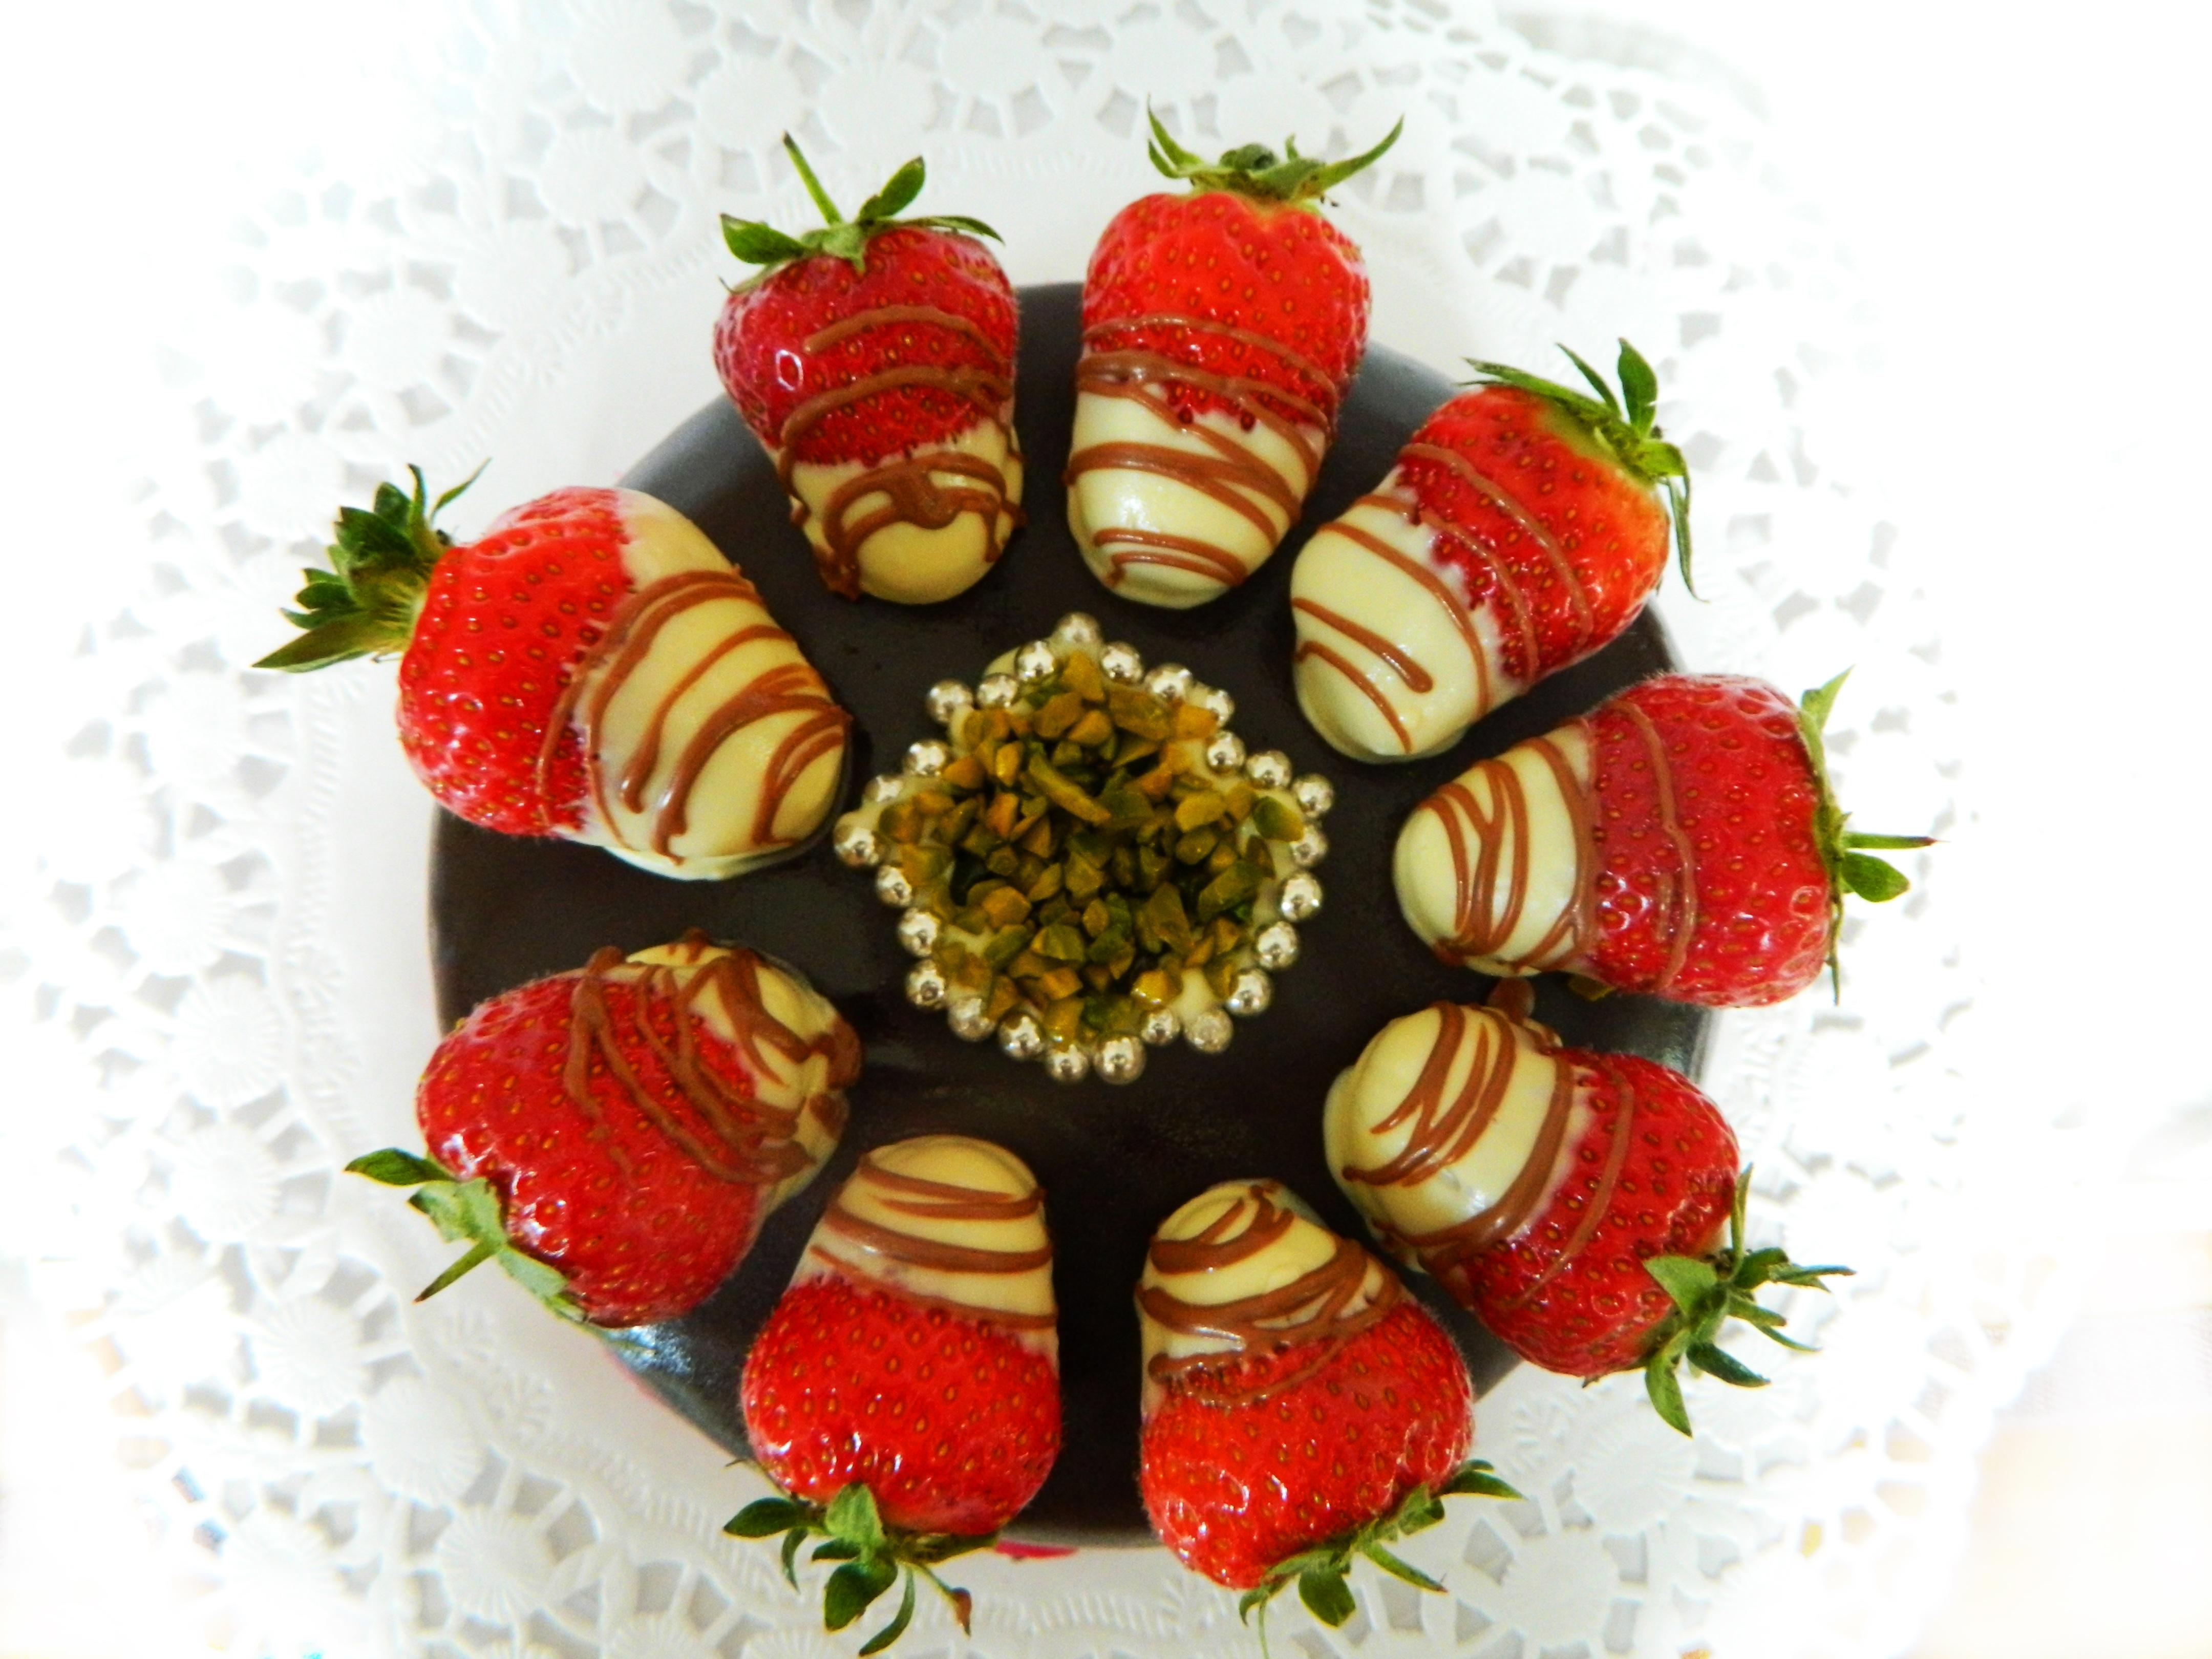 images gratuites plante fruit doux fleur p tale t plat aliments rouge produire. Black Bedroom Furniture Sets. Home Design Ideas